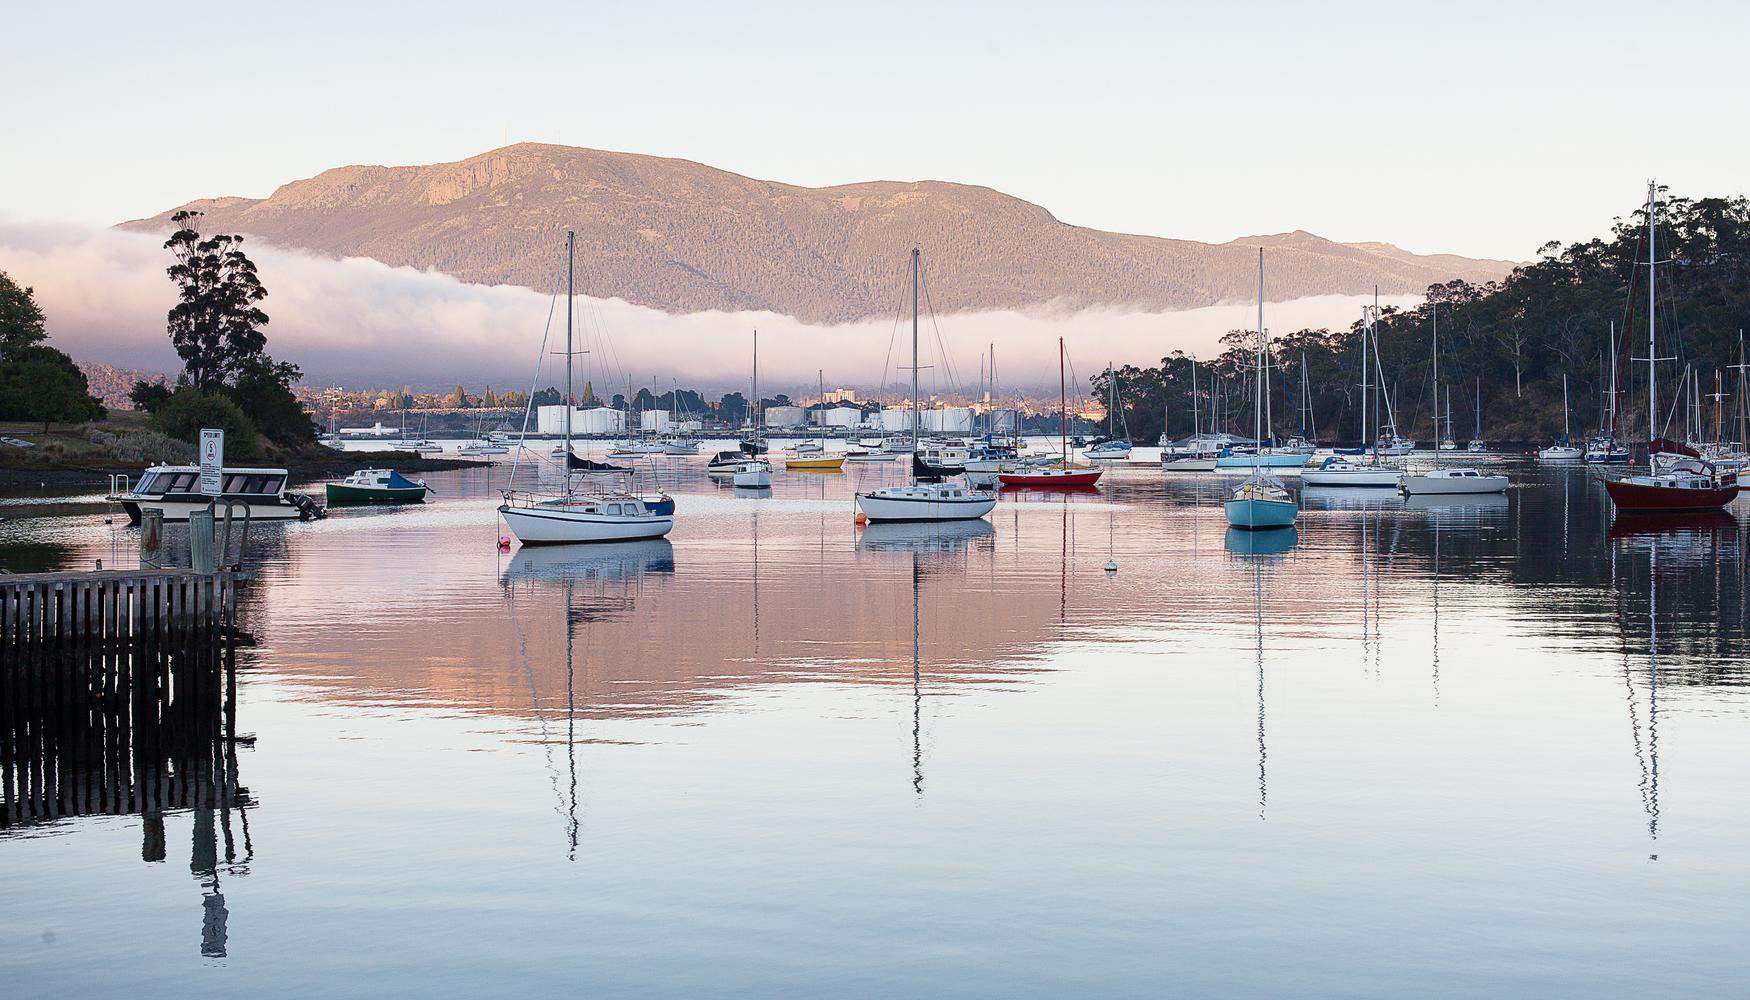 Carros de aluguer em Aeroporto de Hobart